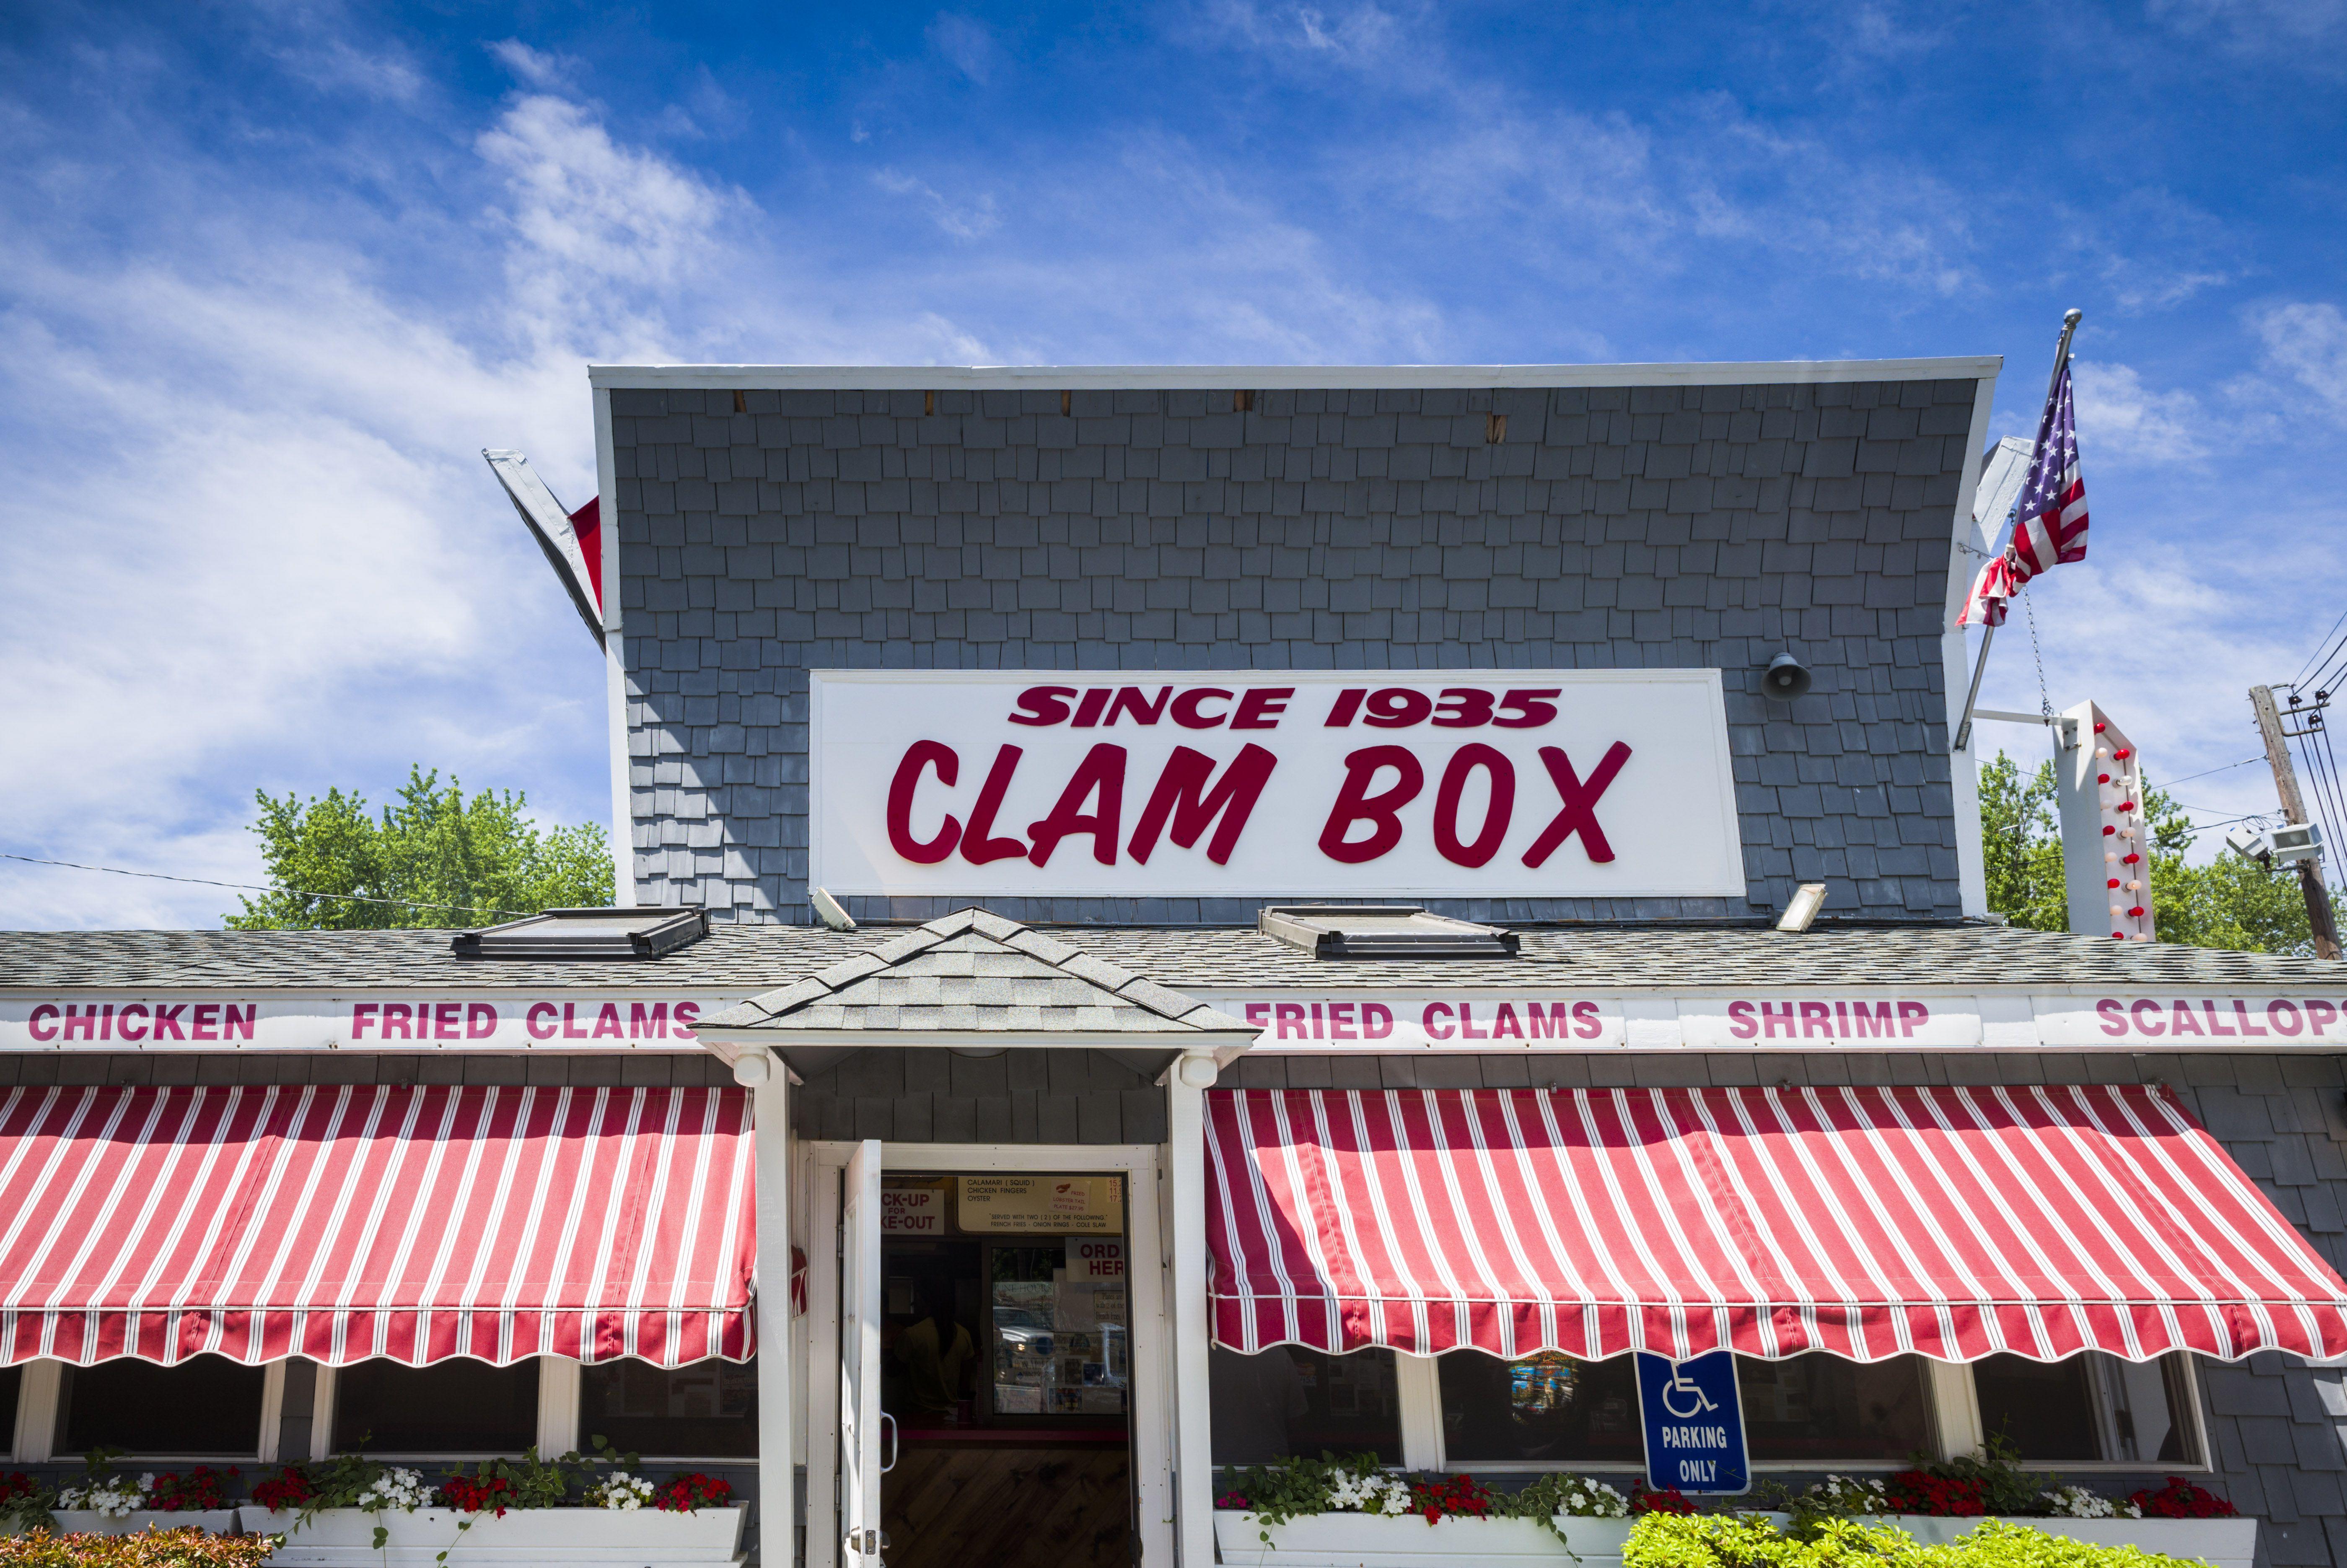 Clam Box restaurant, Ipswich, Massachusetts